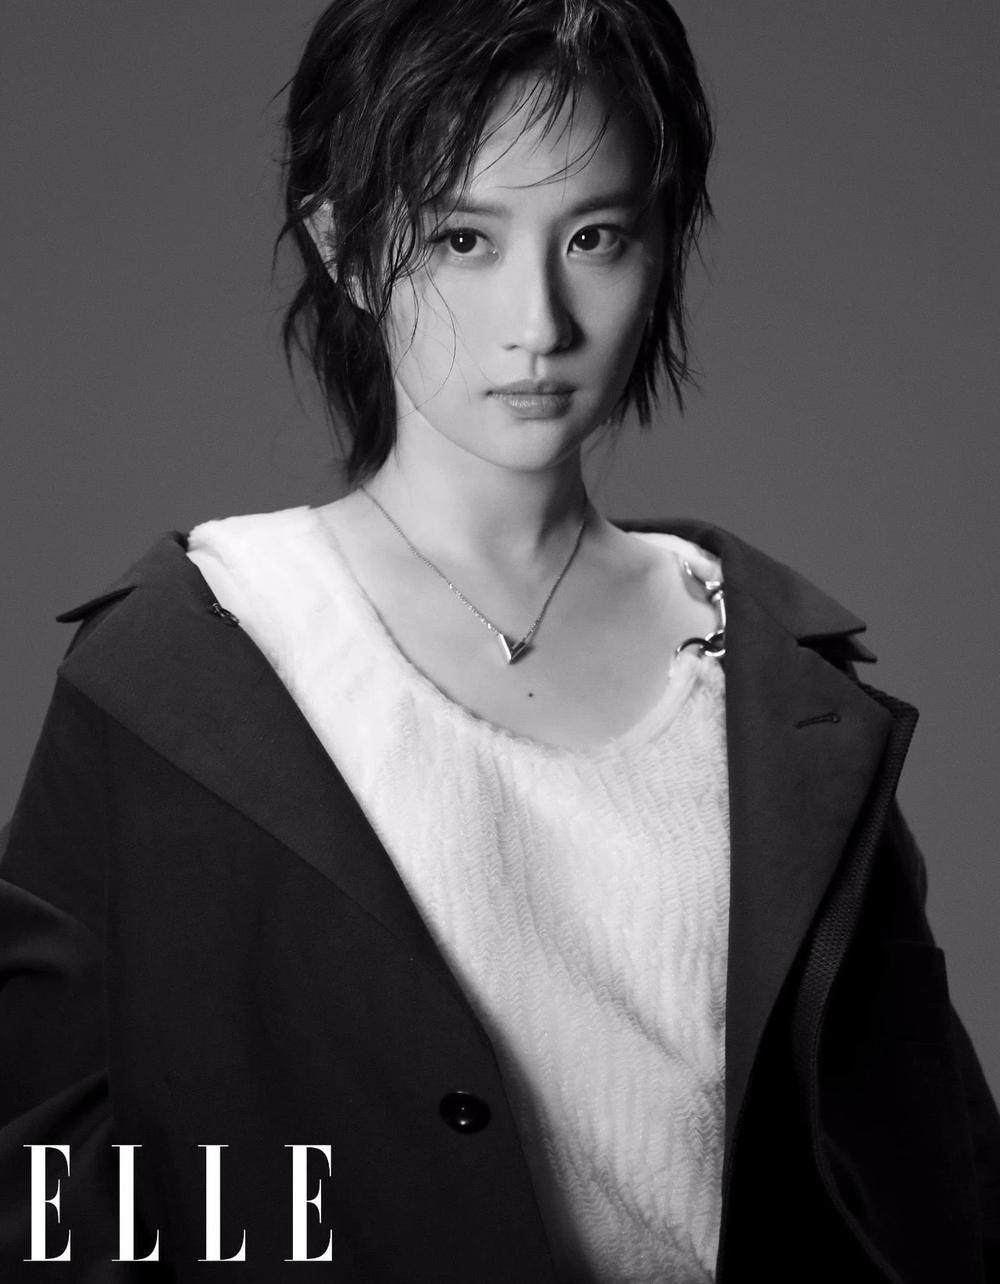 Lưu Diệc Phi lột xác hoàn toàn với visual như nữ idol Kpop trên bìa tạp chí Ảnh 6